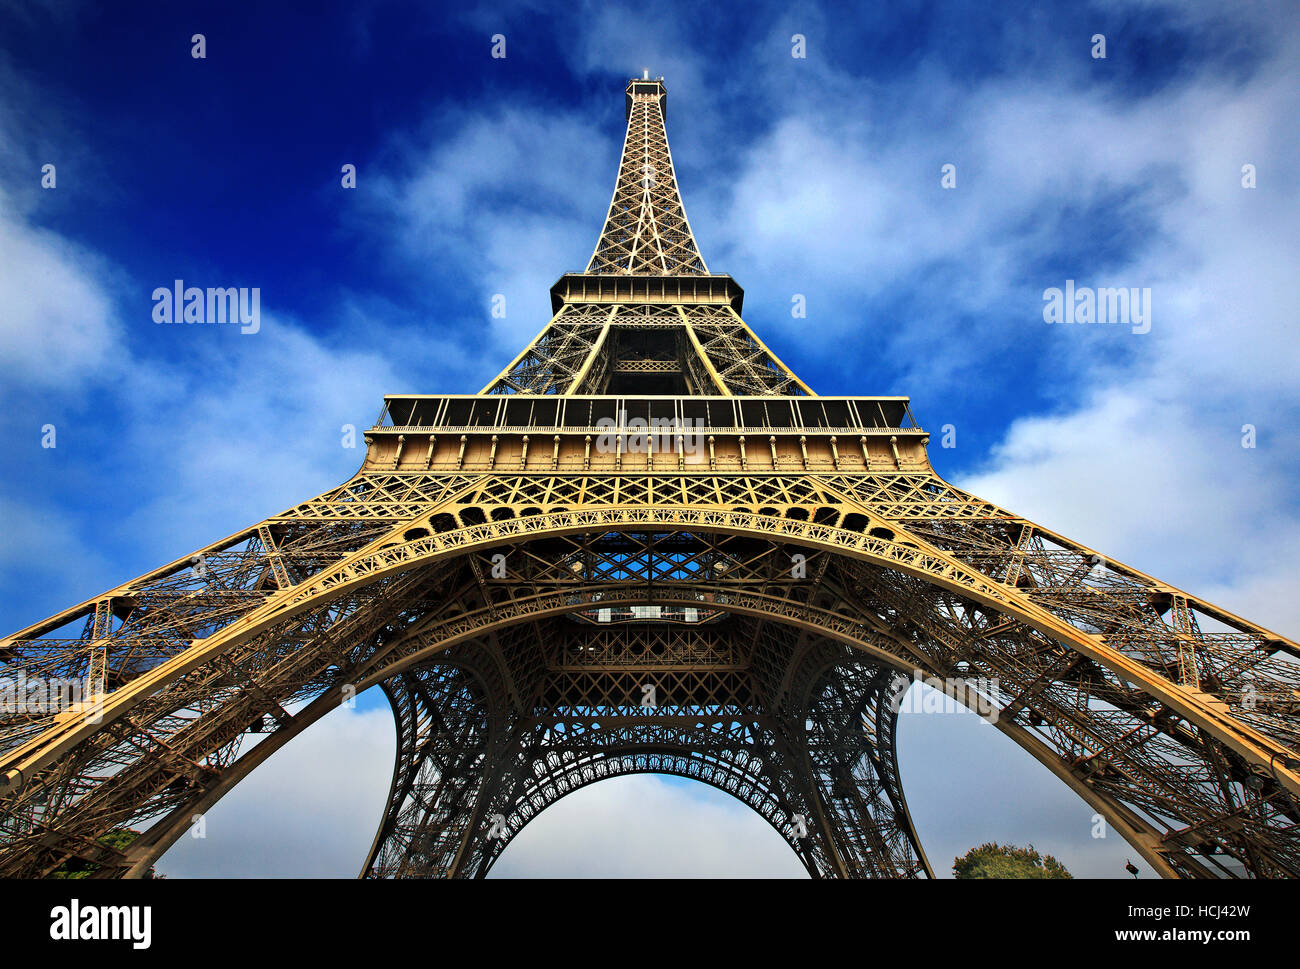 La Torre Eiffel, en París, Francia Imagen De Stock